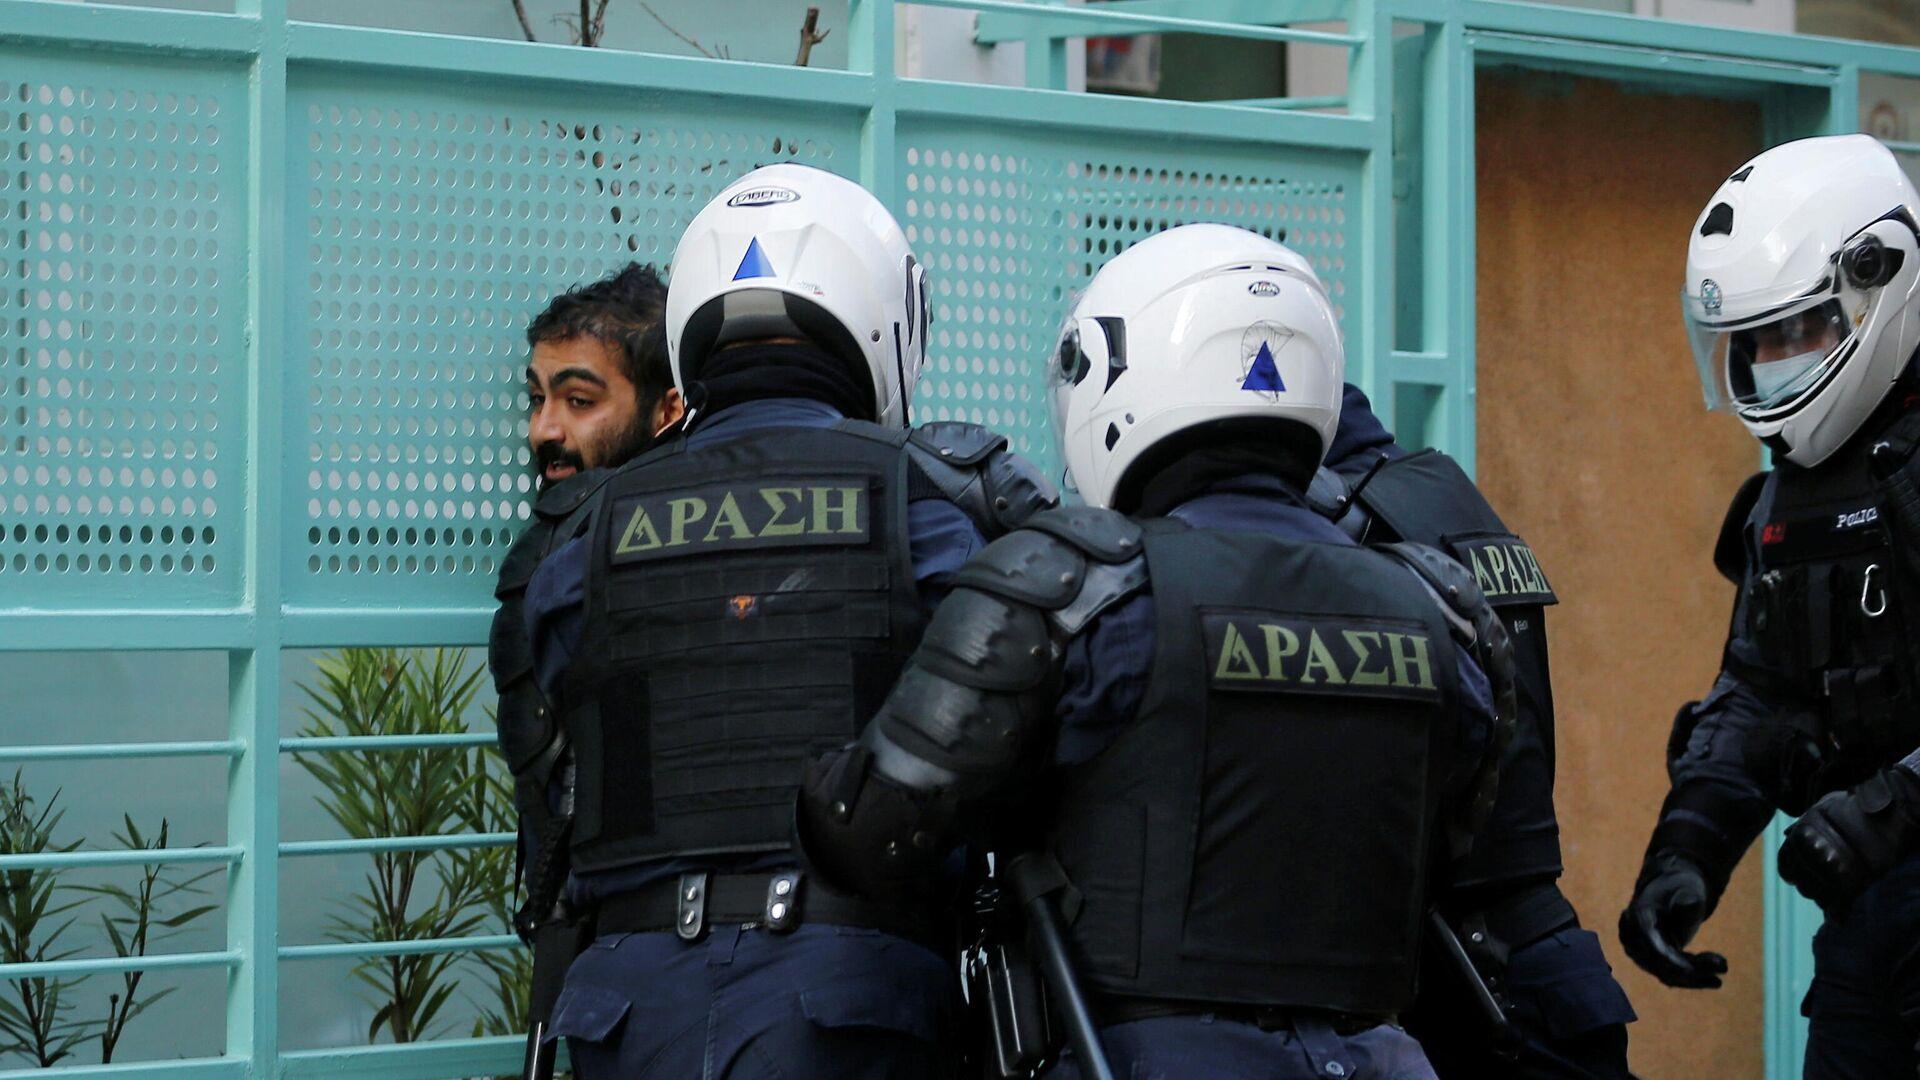 Сотрудники полиции задерживают участника акции протеста в Афинах, Греция, 6 декабря 2020 - РИА Новости, 1920, 06.12.2020